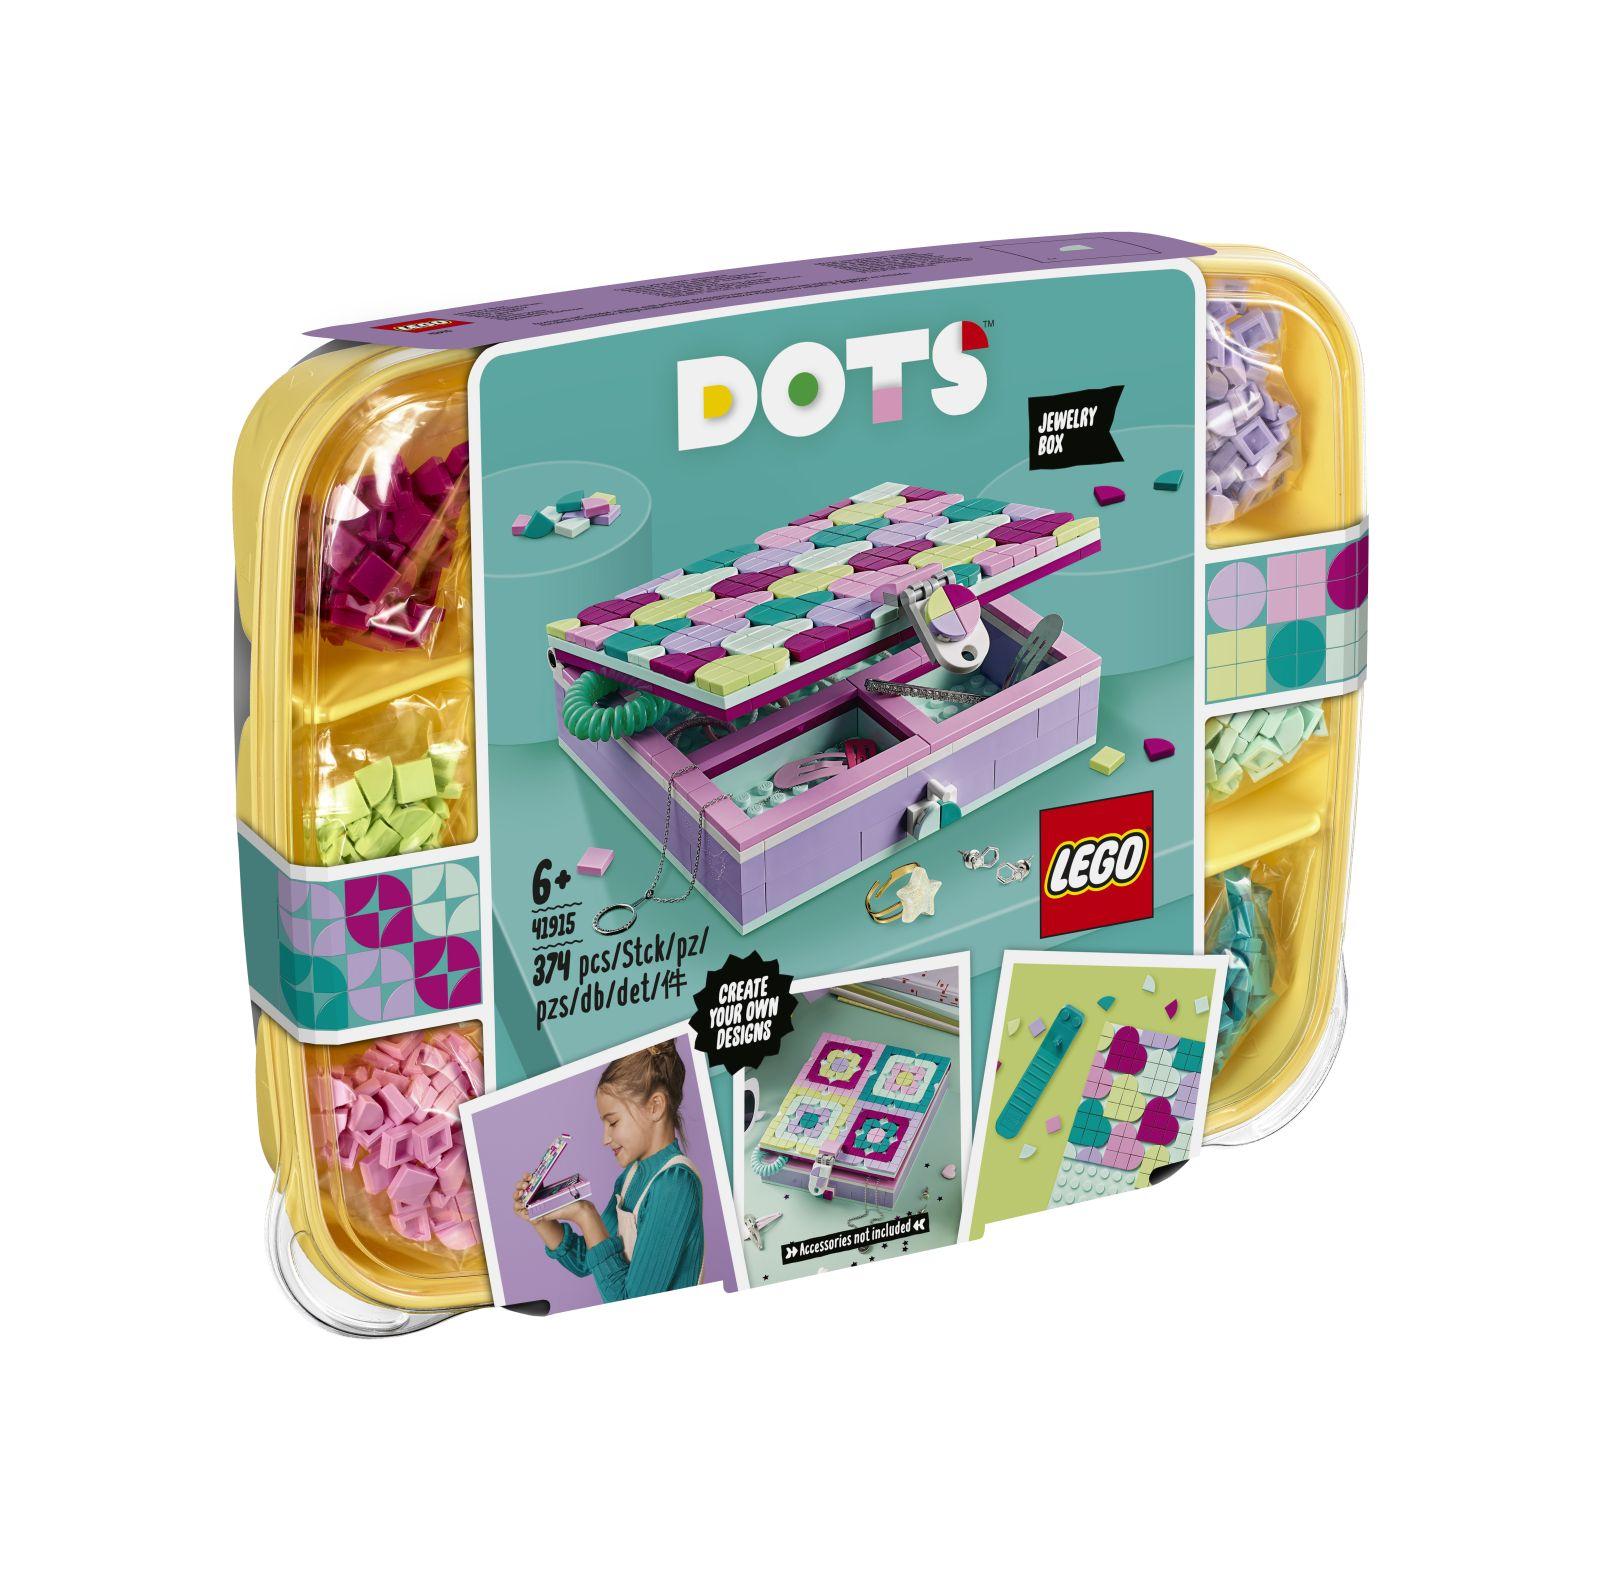 Lego dots box gioielli - 41915 -